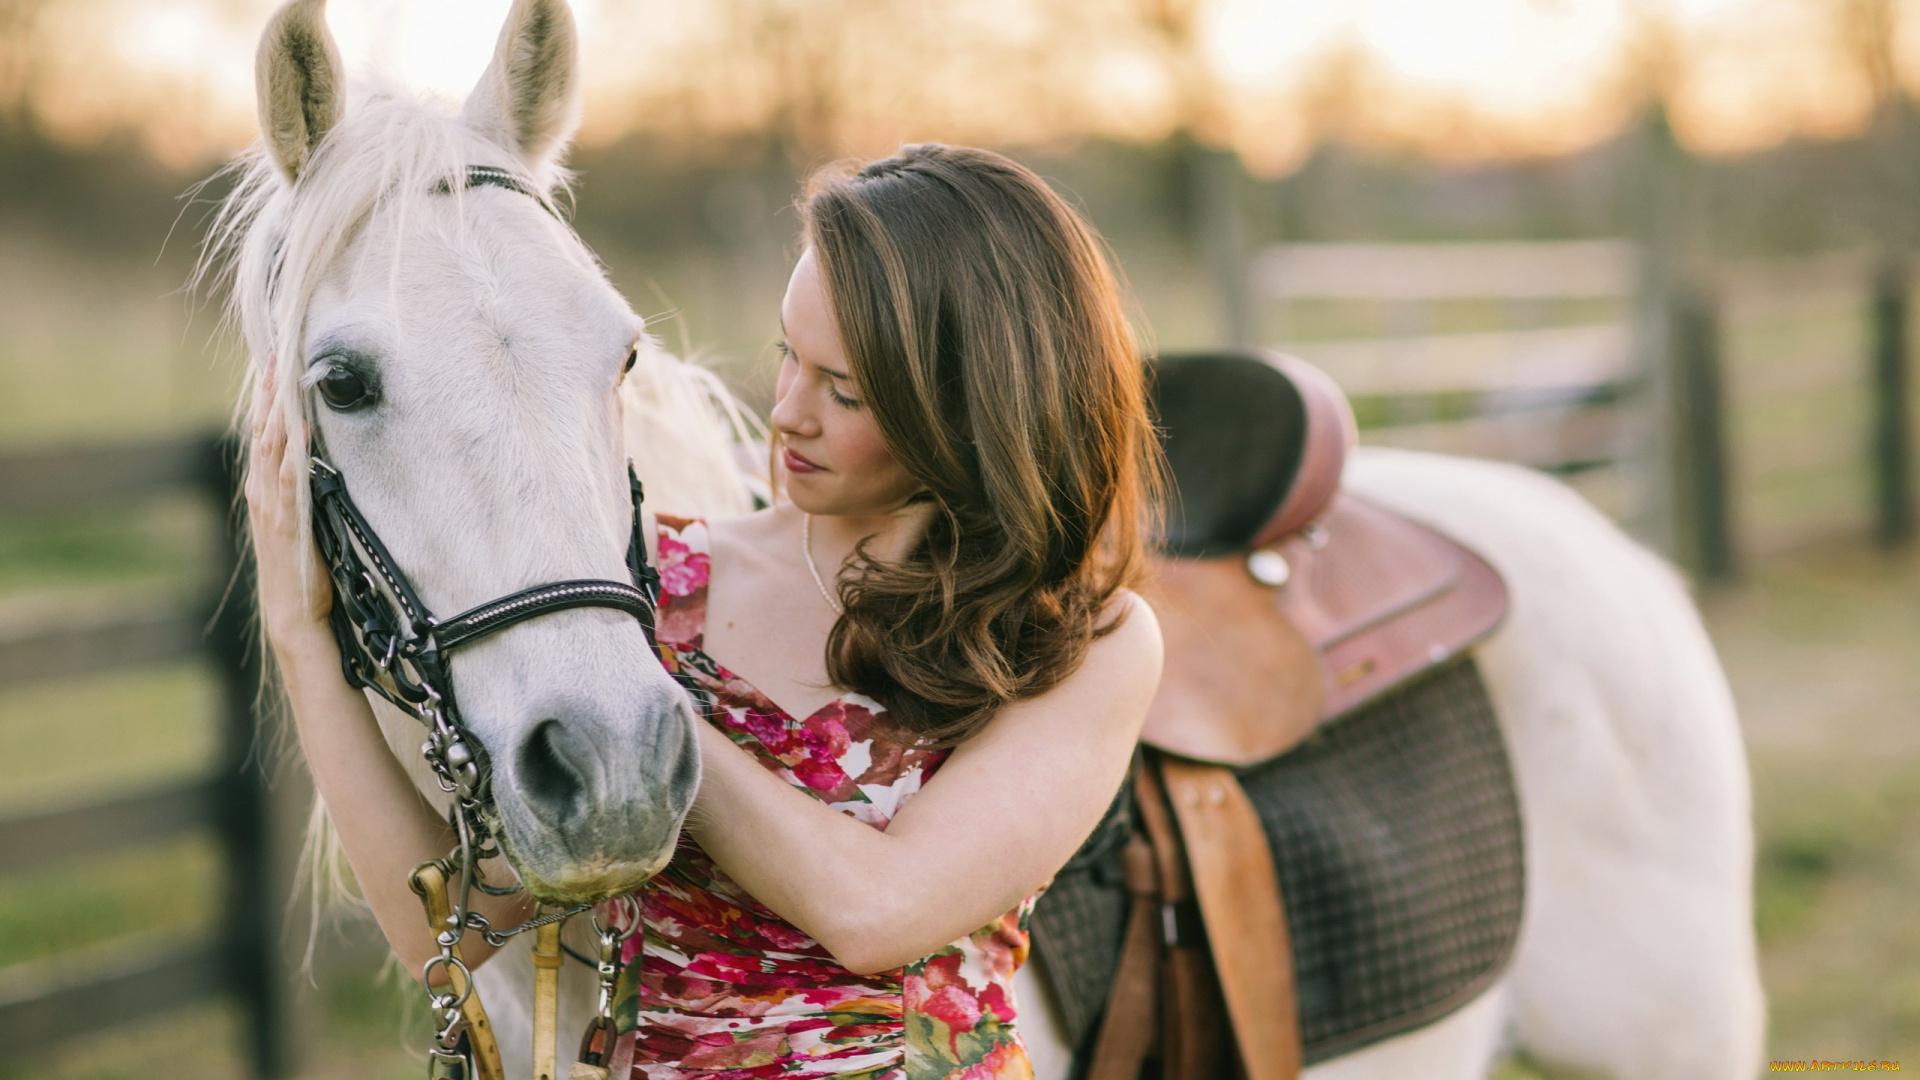 девушка лошади  № 1819024 загрузить